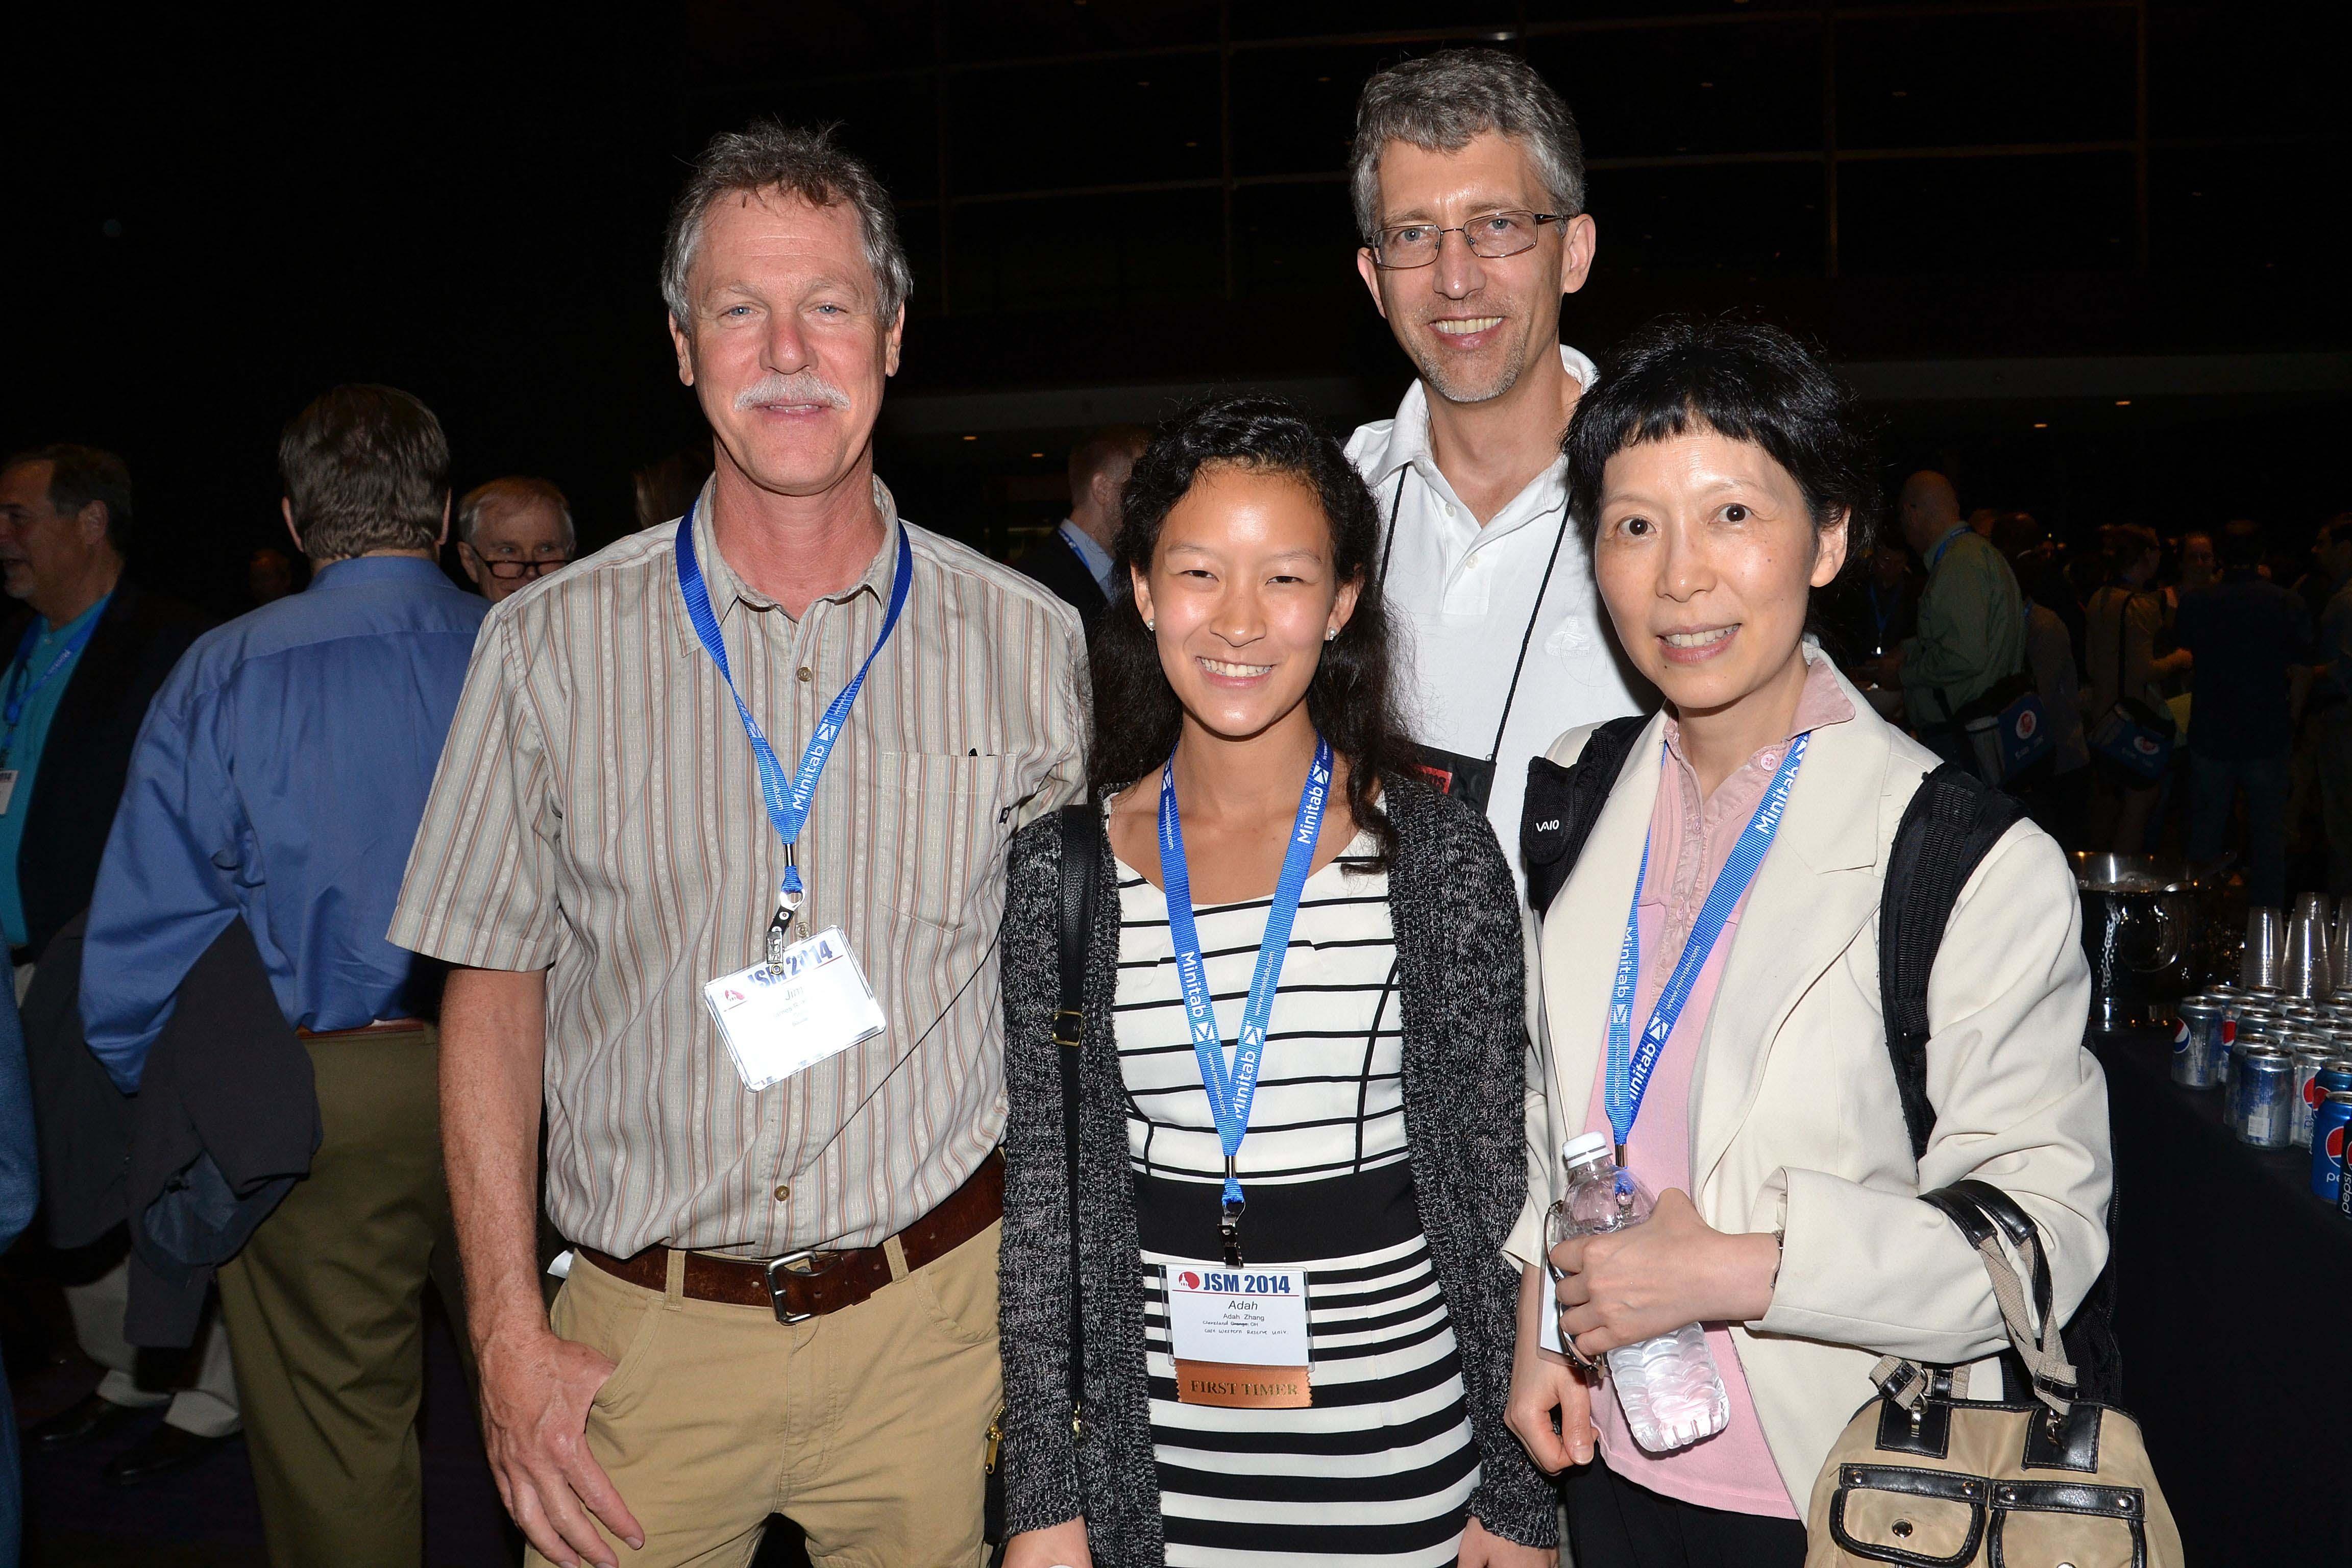 Jim Koehler, Tim Hesterberg, Adah Zhang, and Jiayang Sun mingle during the Opening Mixer